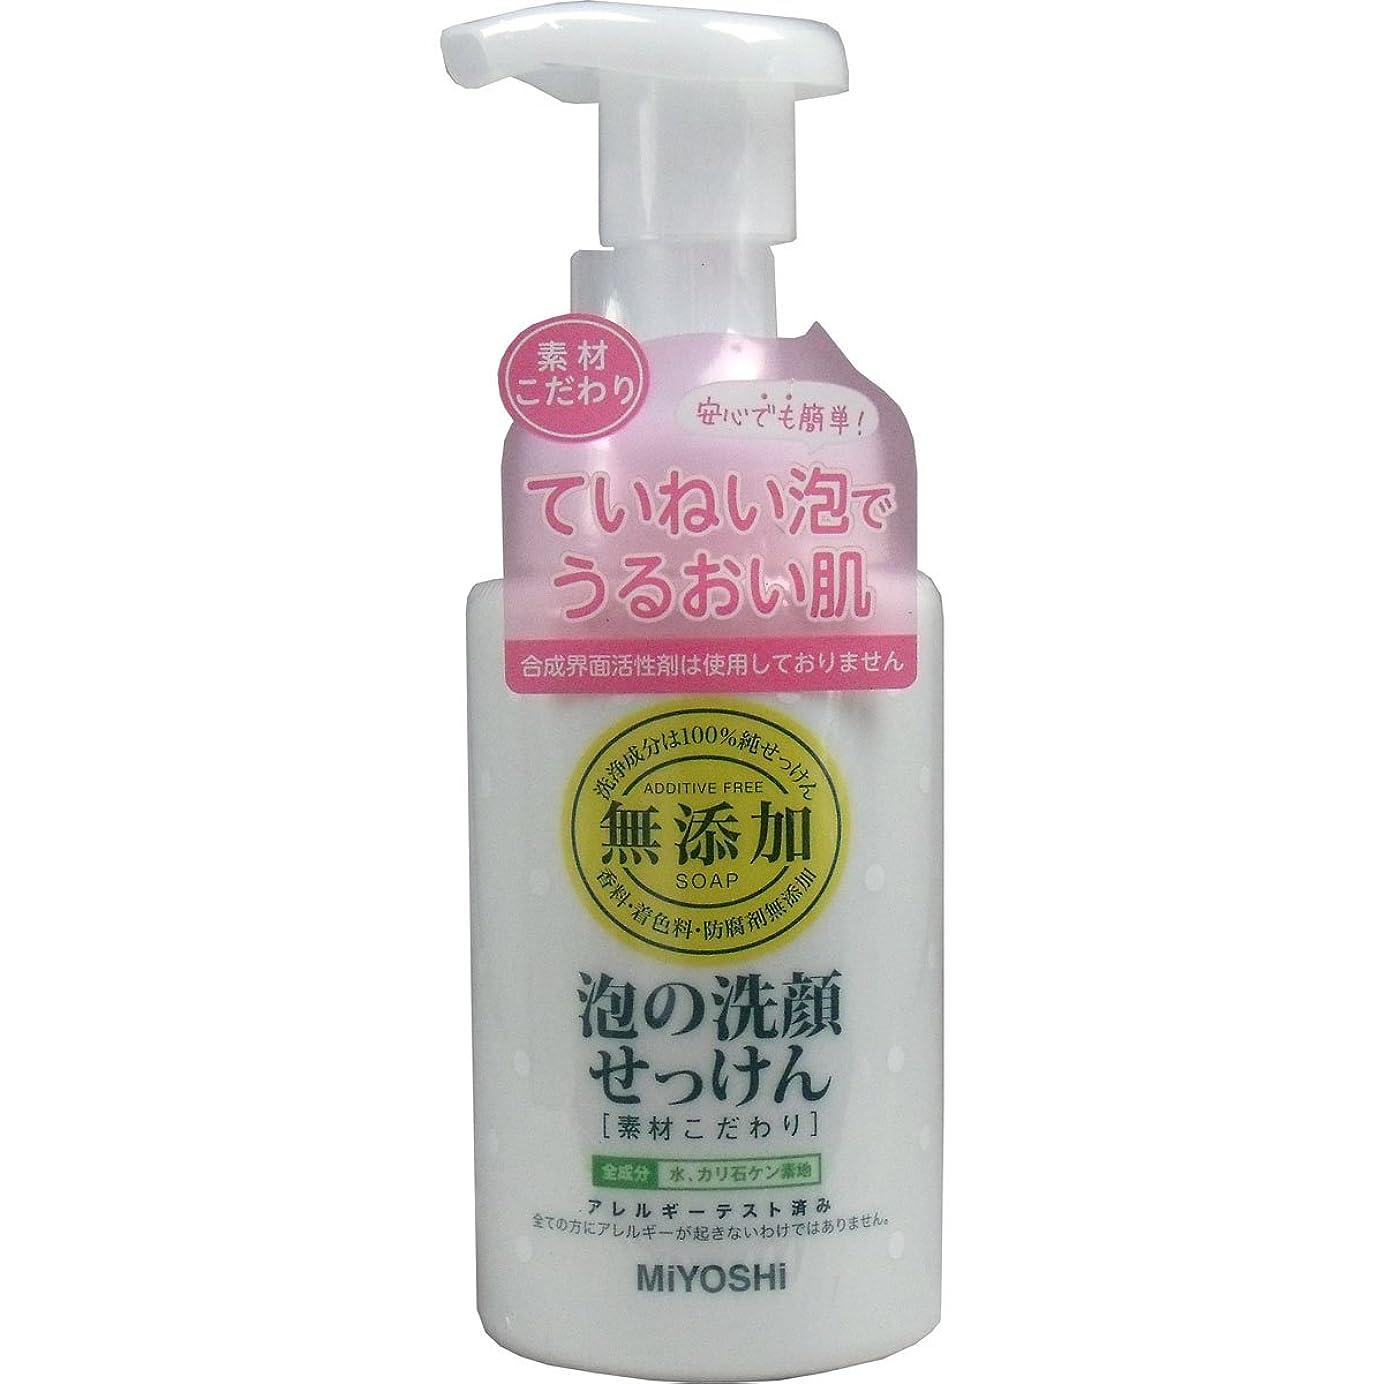 適用済み風景ライター【ミヨシ石鹸】無添加 泡の洗顔せっけん 200ml ×20個セット